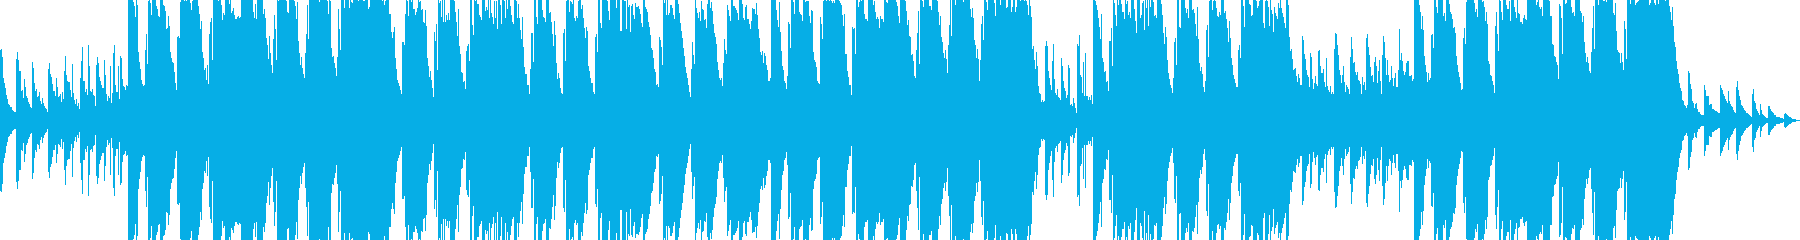 疾走感のあるギタートラップサウンドの再生済みの波形